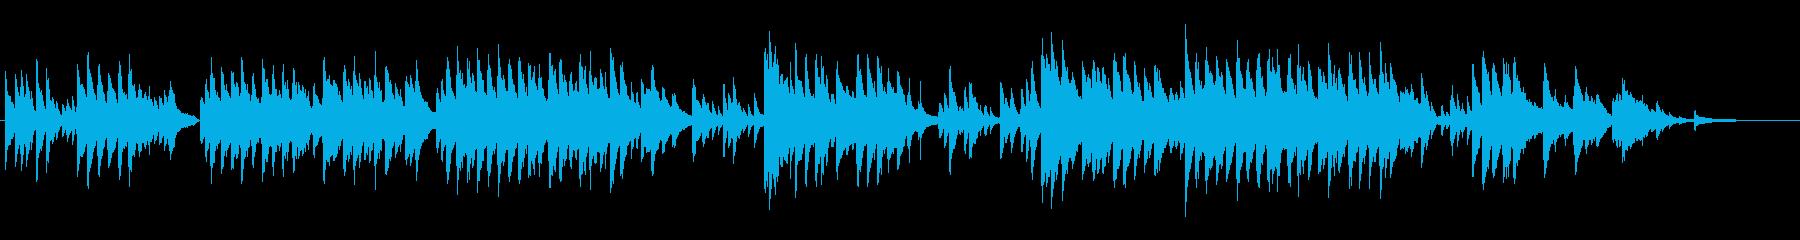 童謡「赤とんぼ」のジャズバラードアレンジの再生済みの波形